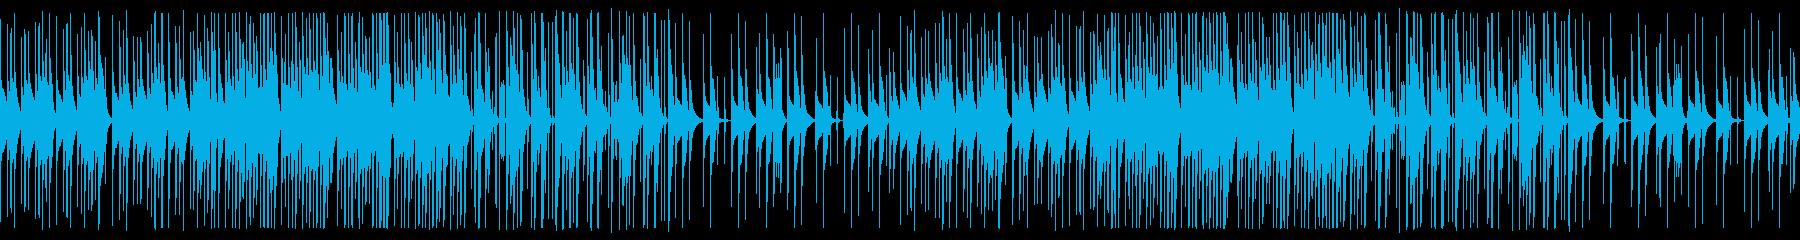 考え中のイメージのループBGMの再生済みの波形